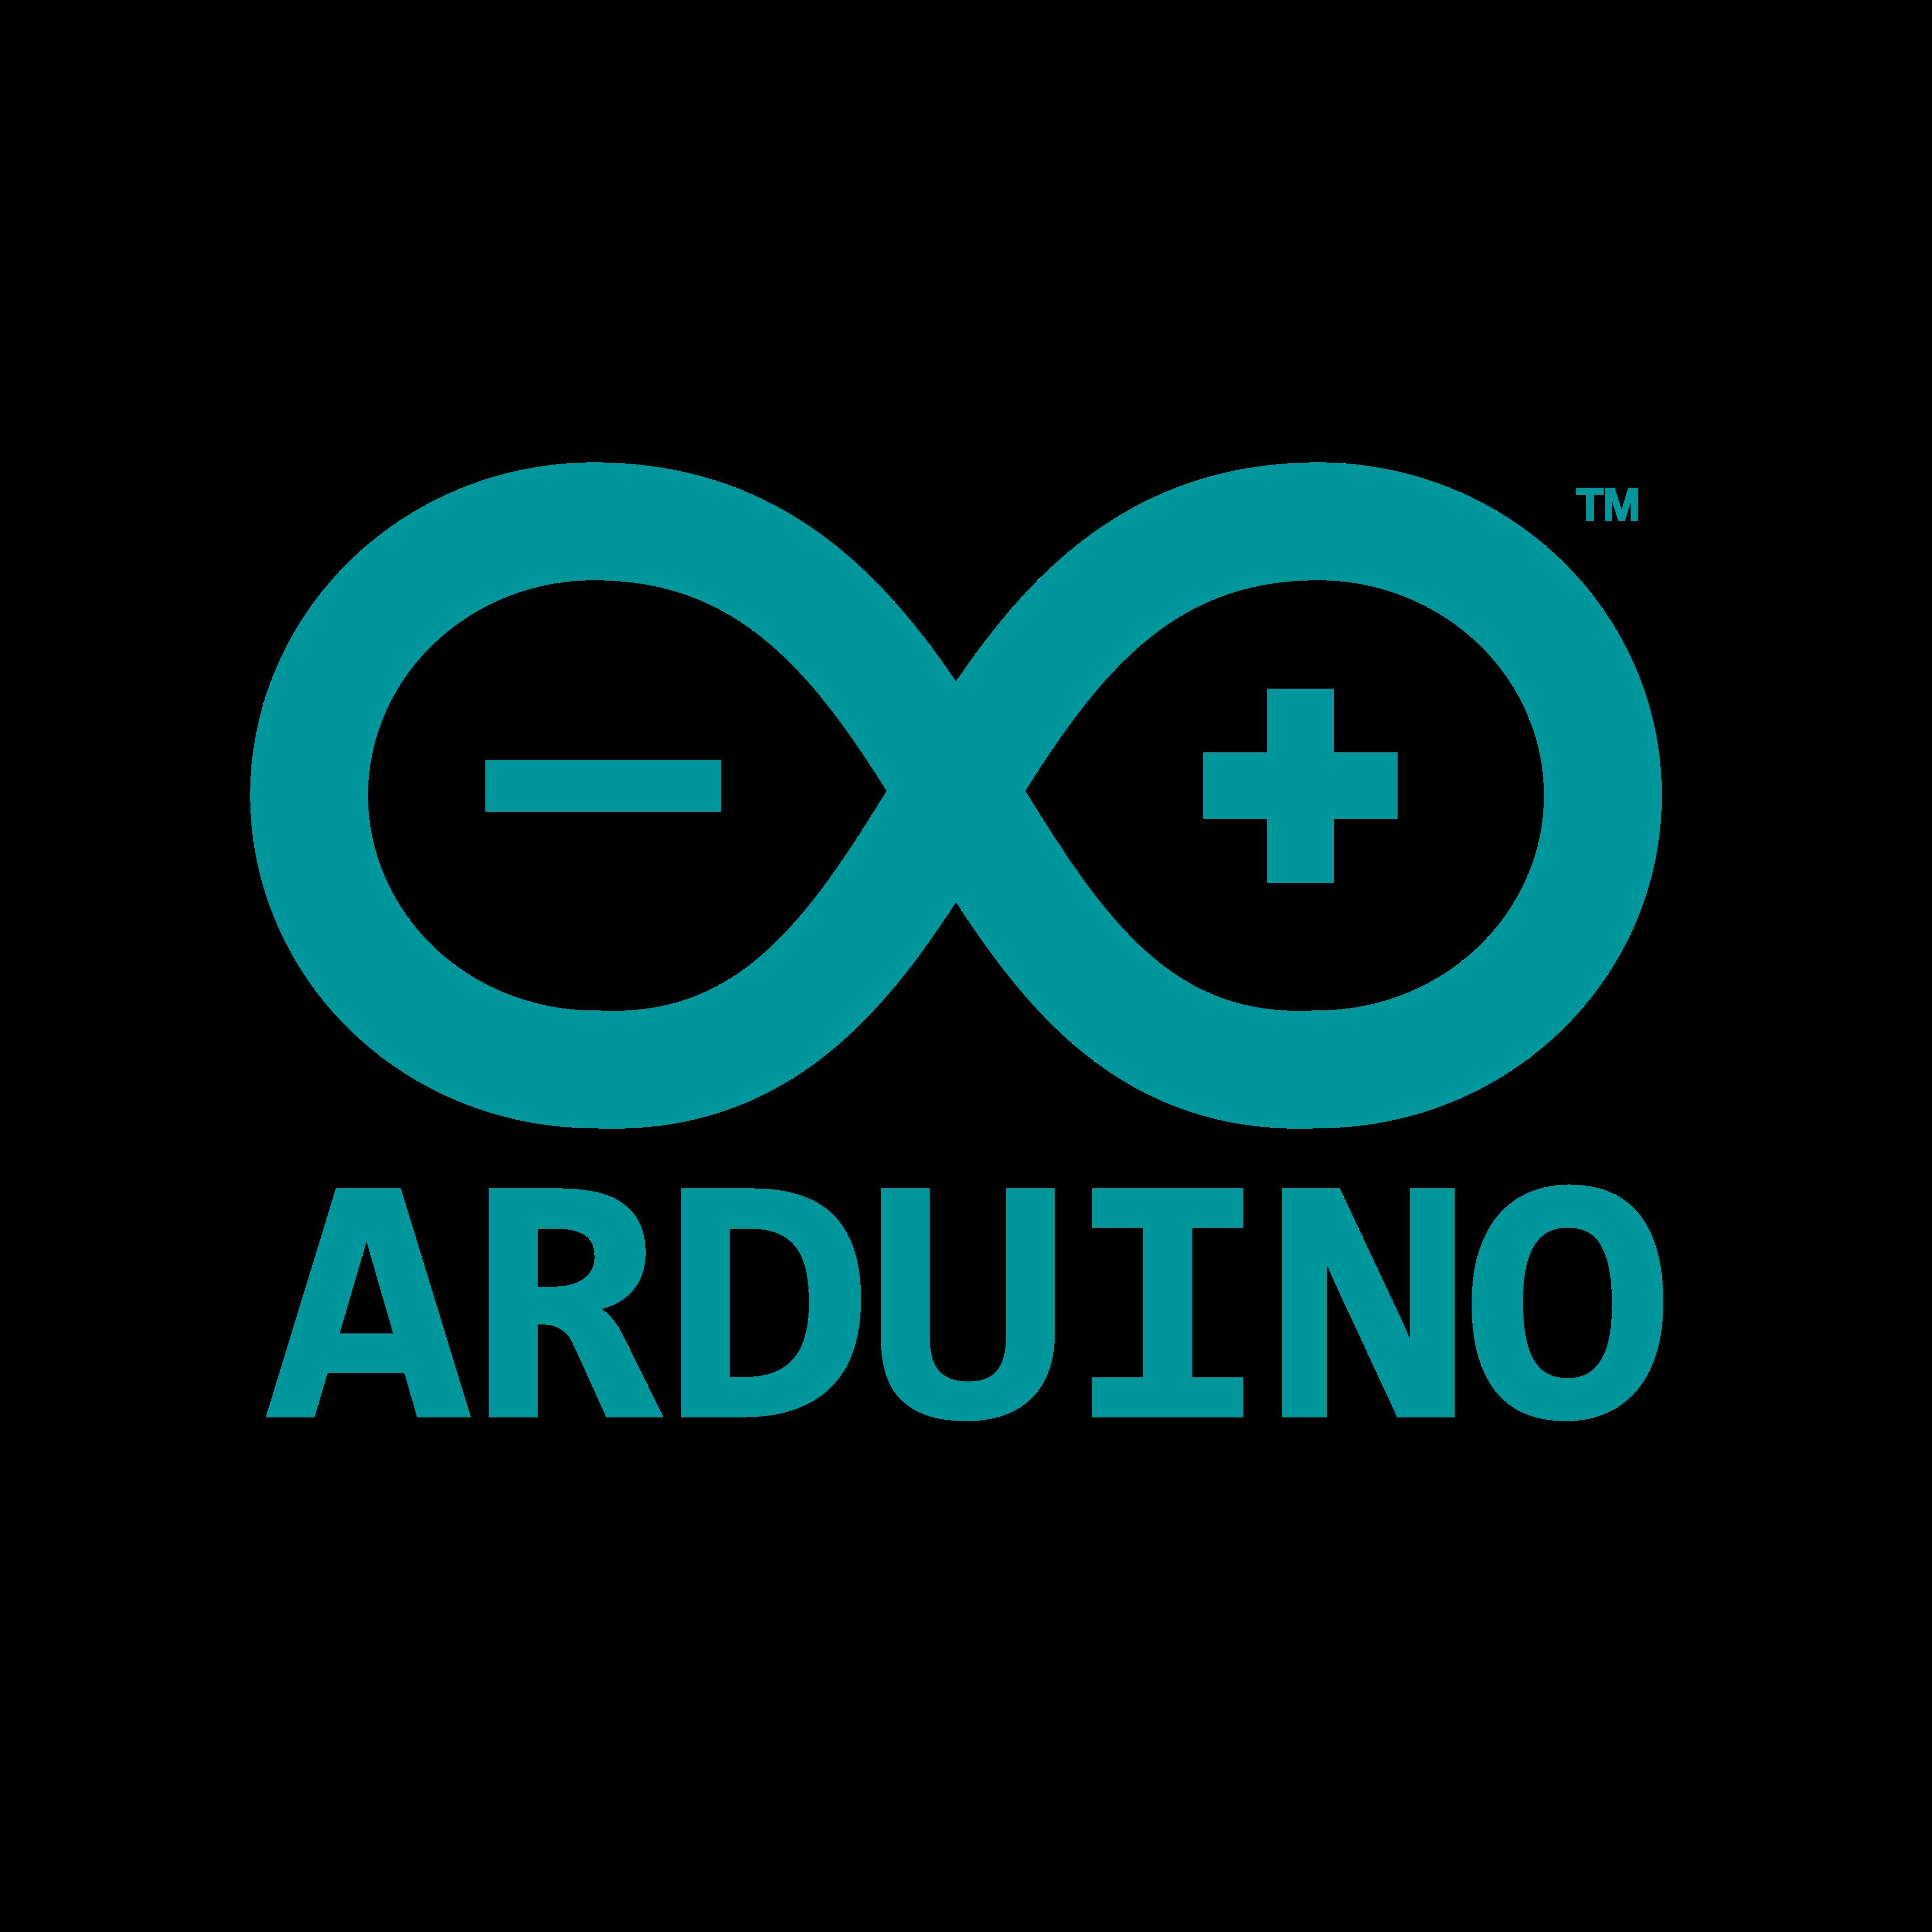 arduino logo 0 - Arduino Logo